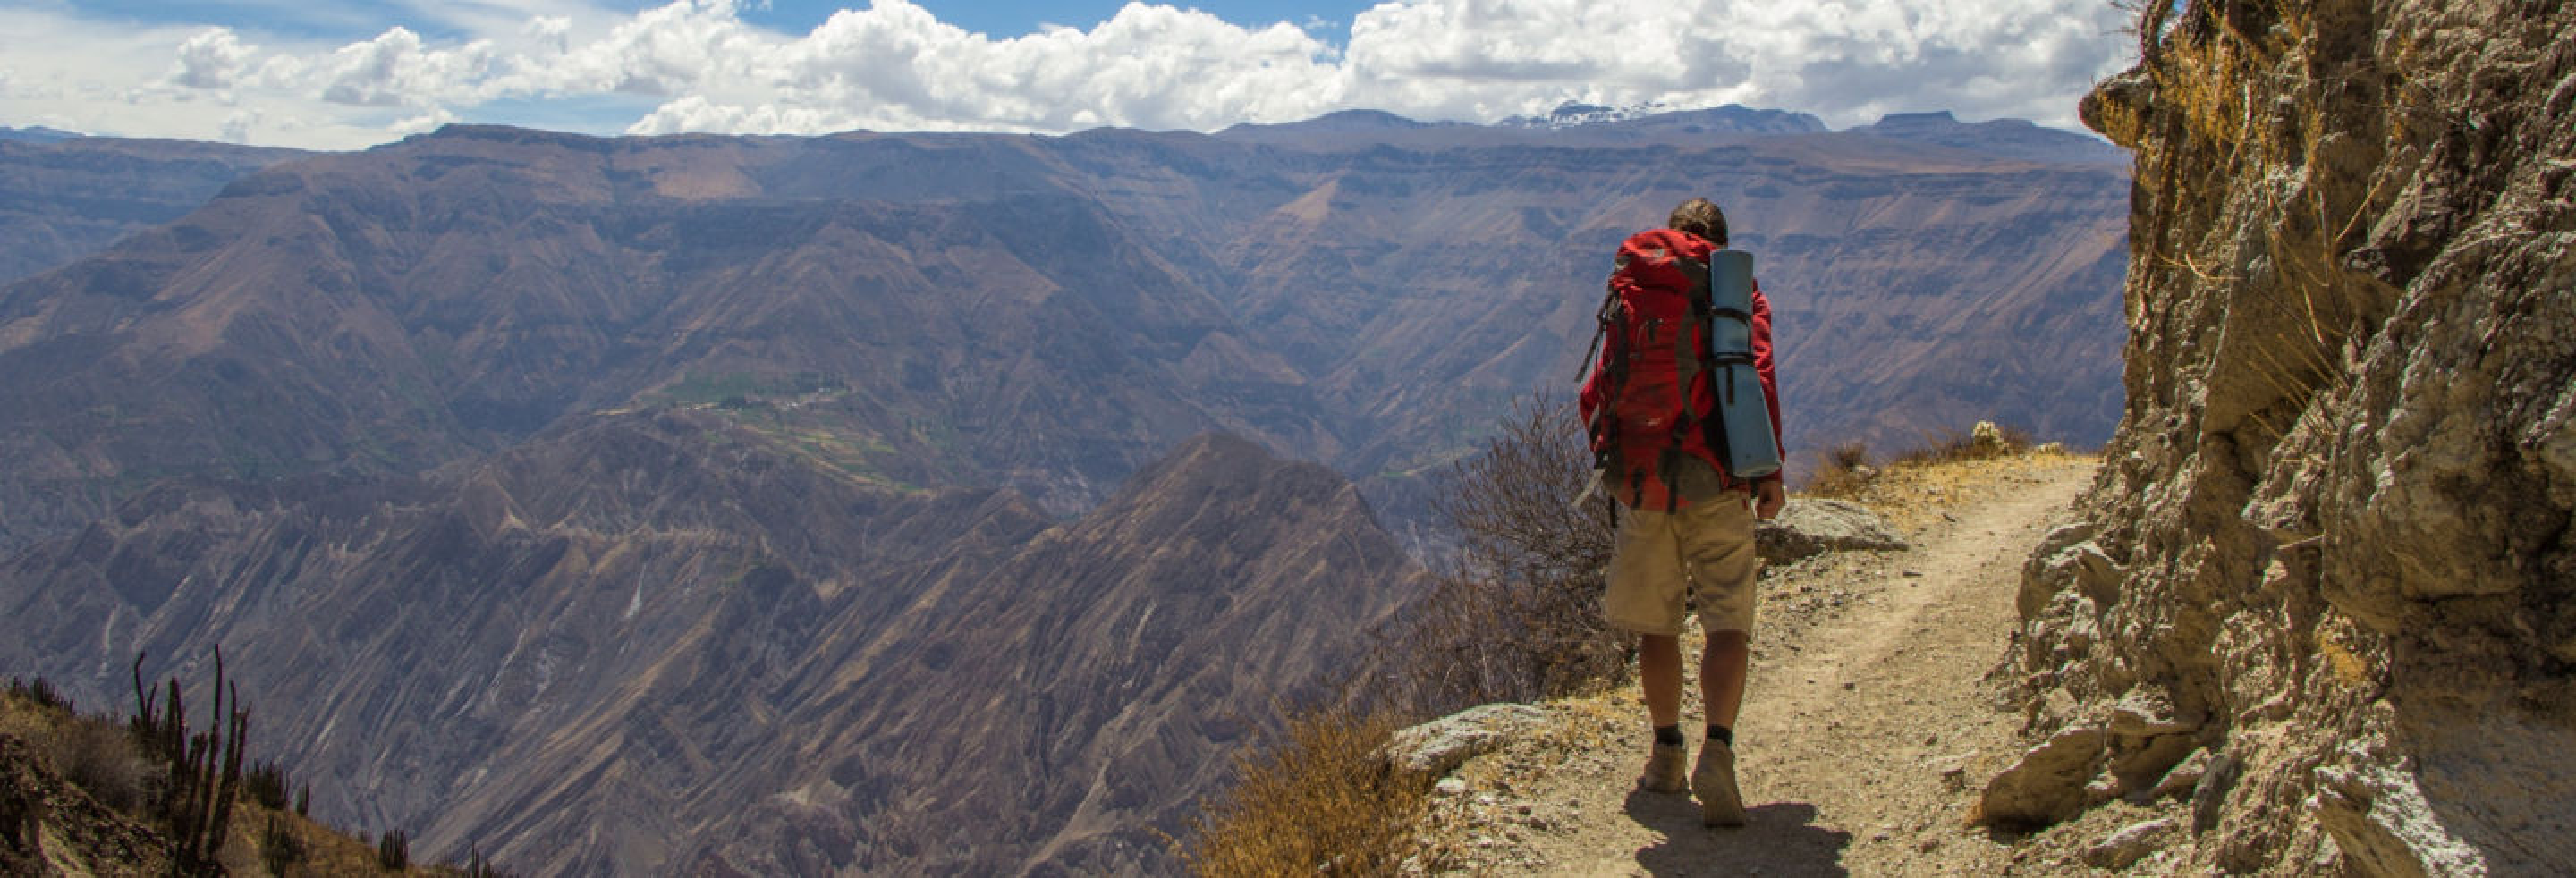 Excursión de 3 días al cañón de Cotahuasi